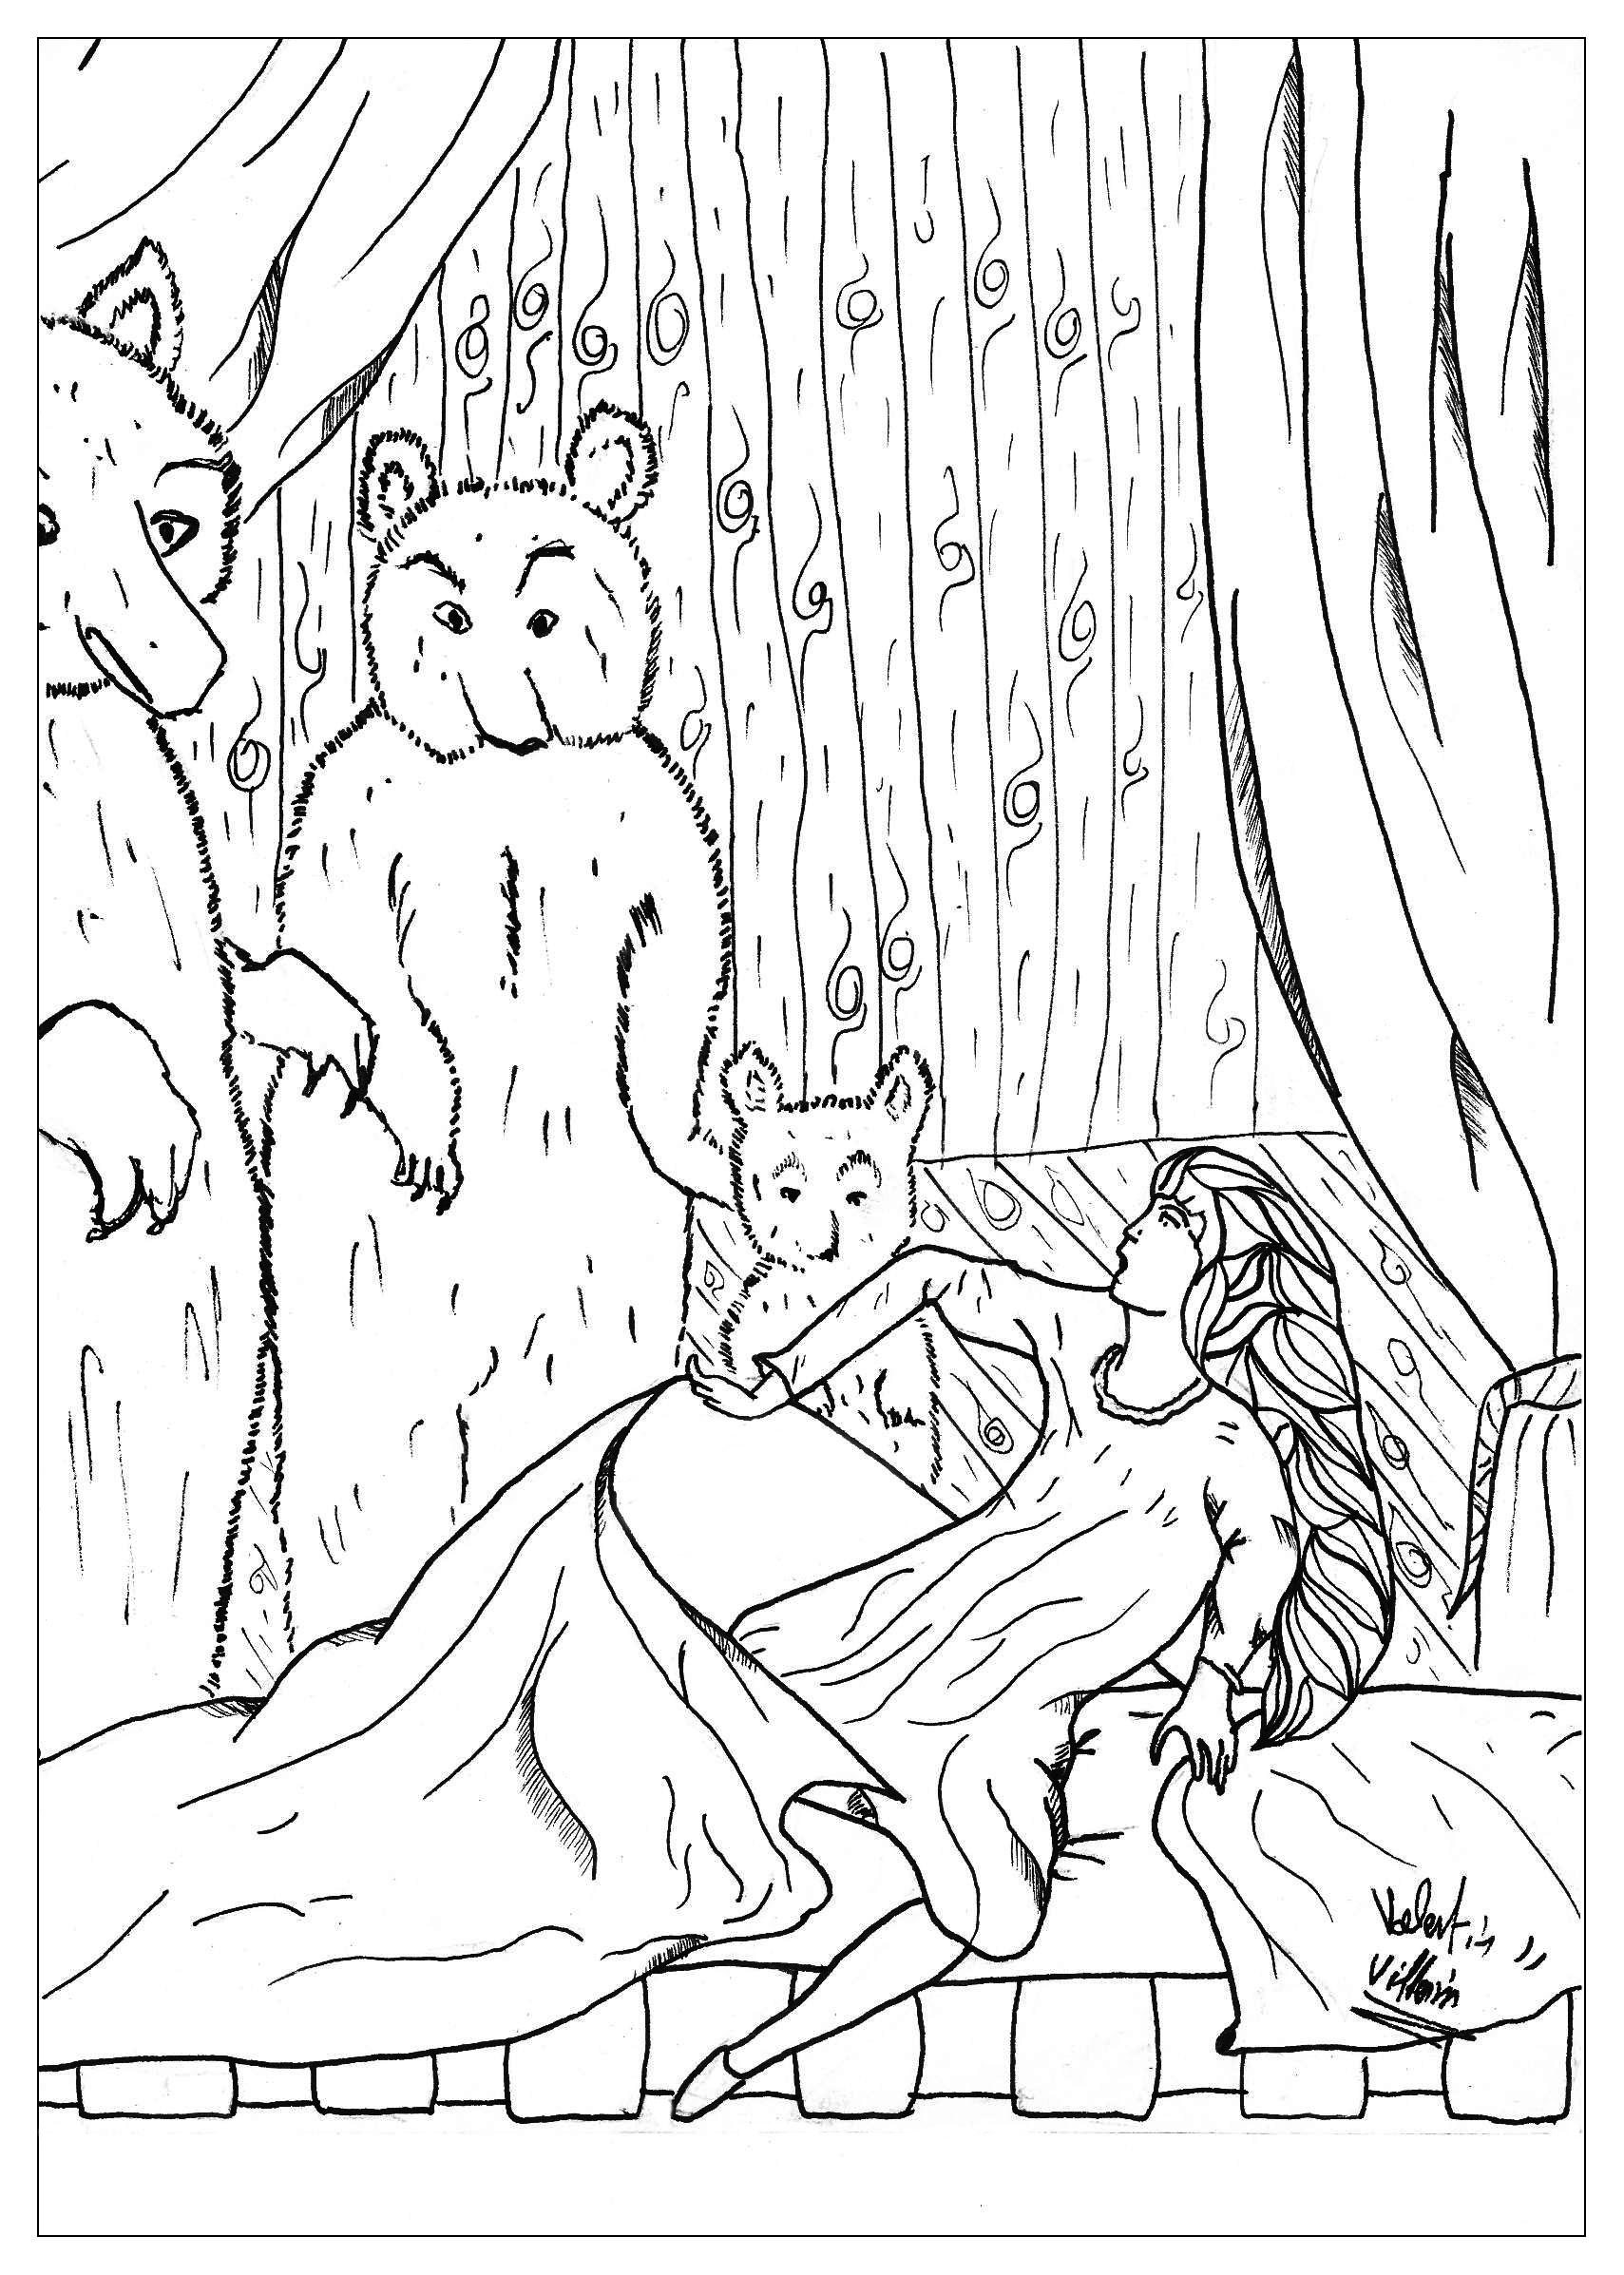 Colorear para adultos : Fairy tales - 15